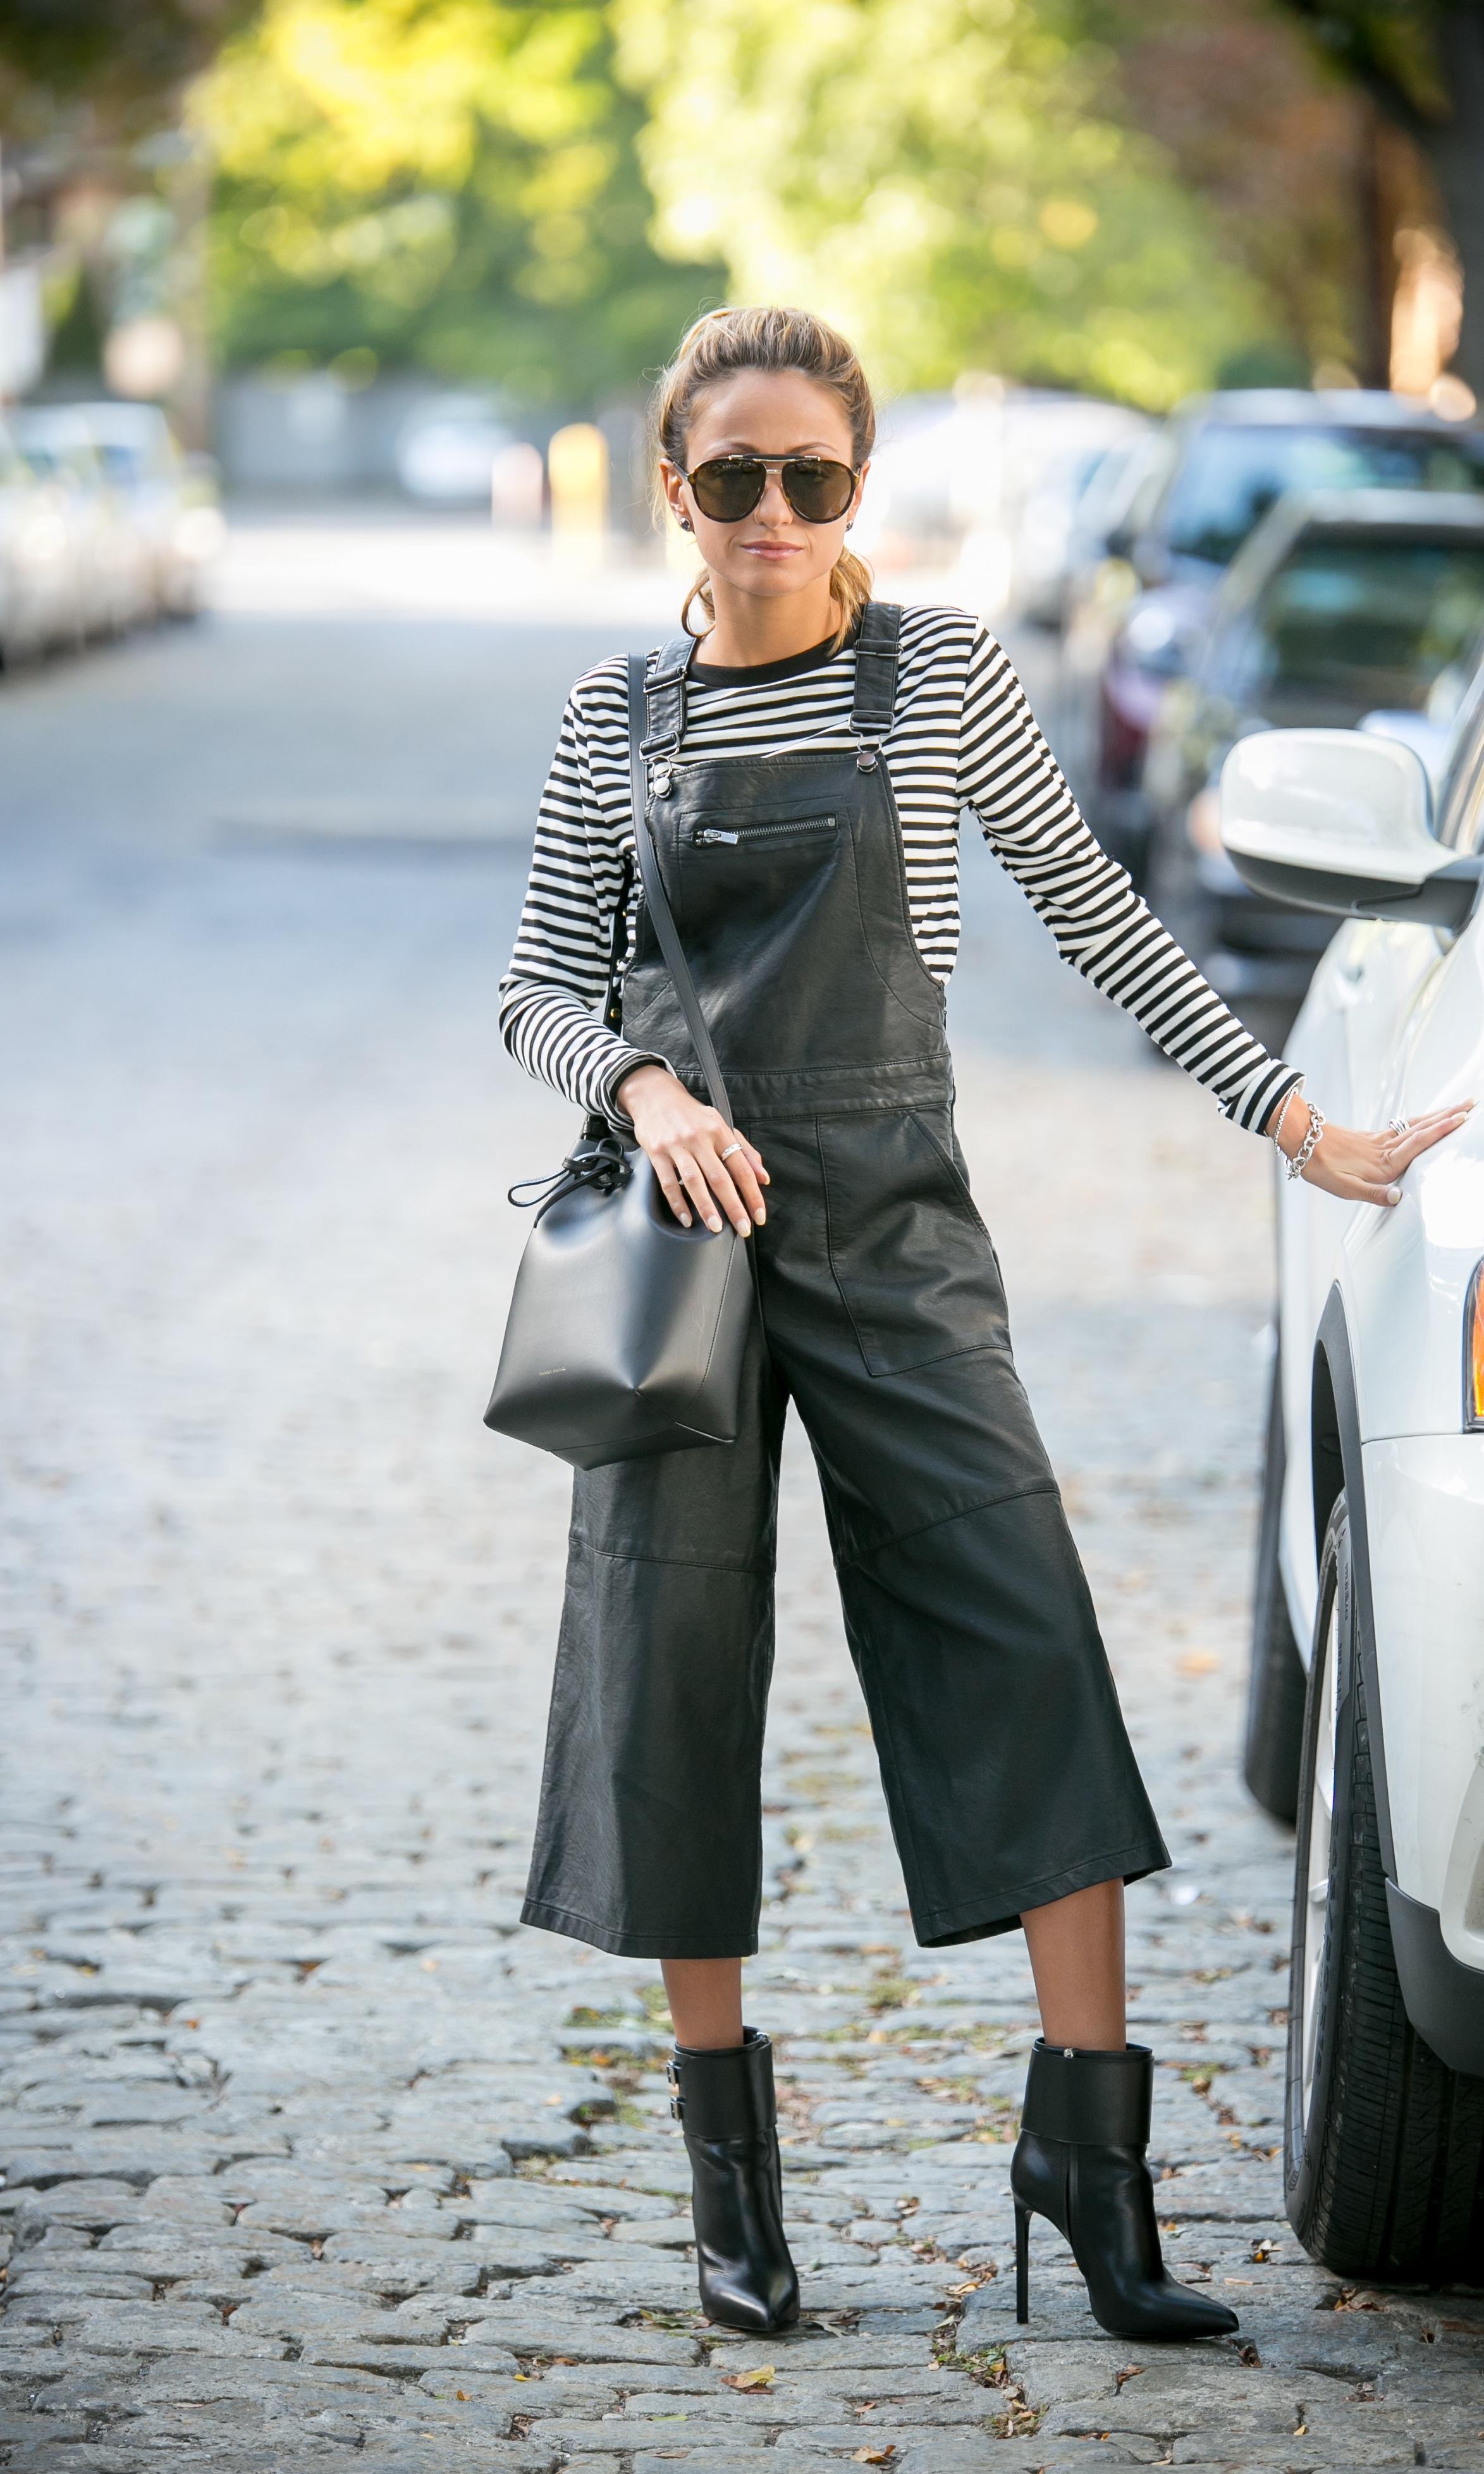 TopShop outfit, Mansur Gavriel bag, and Saint Laurent boots worn by Lauren Recchia